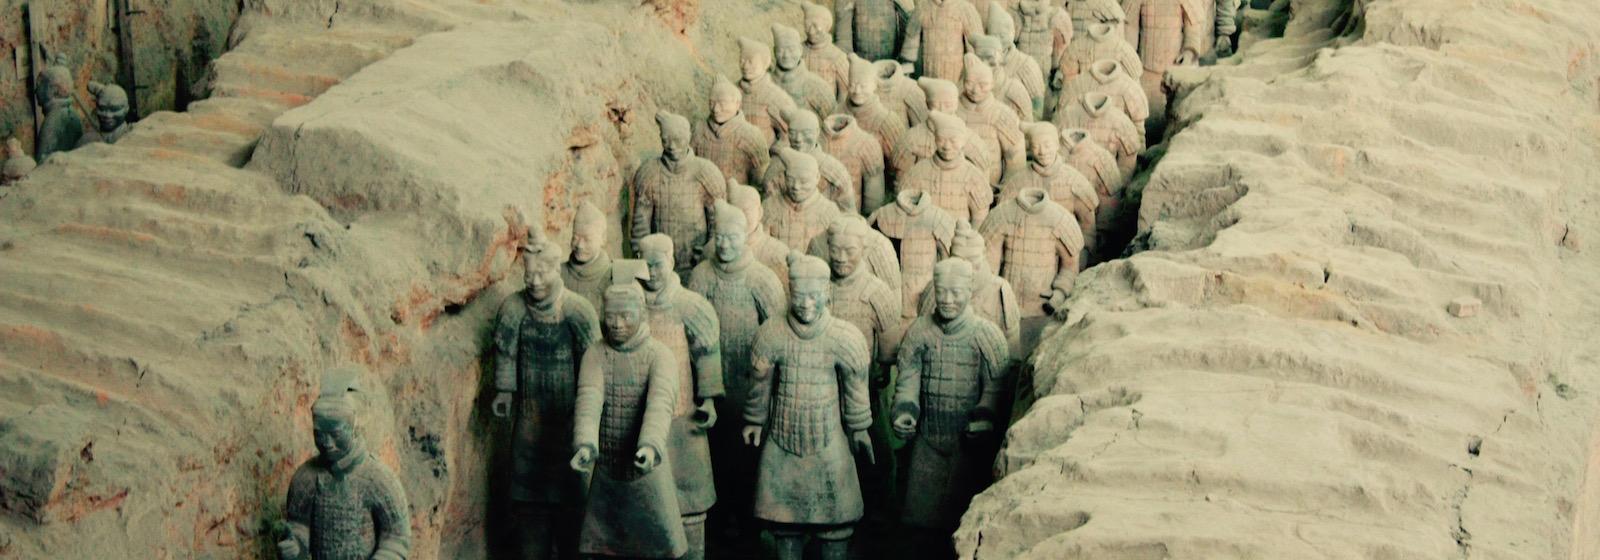 Достопримечательности Сианя, Китай - Гоу Чайна